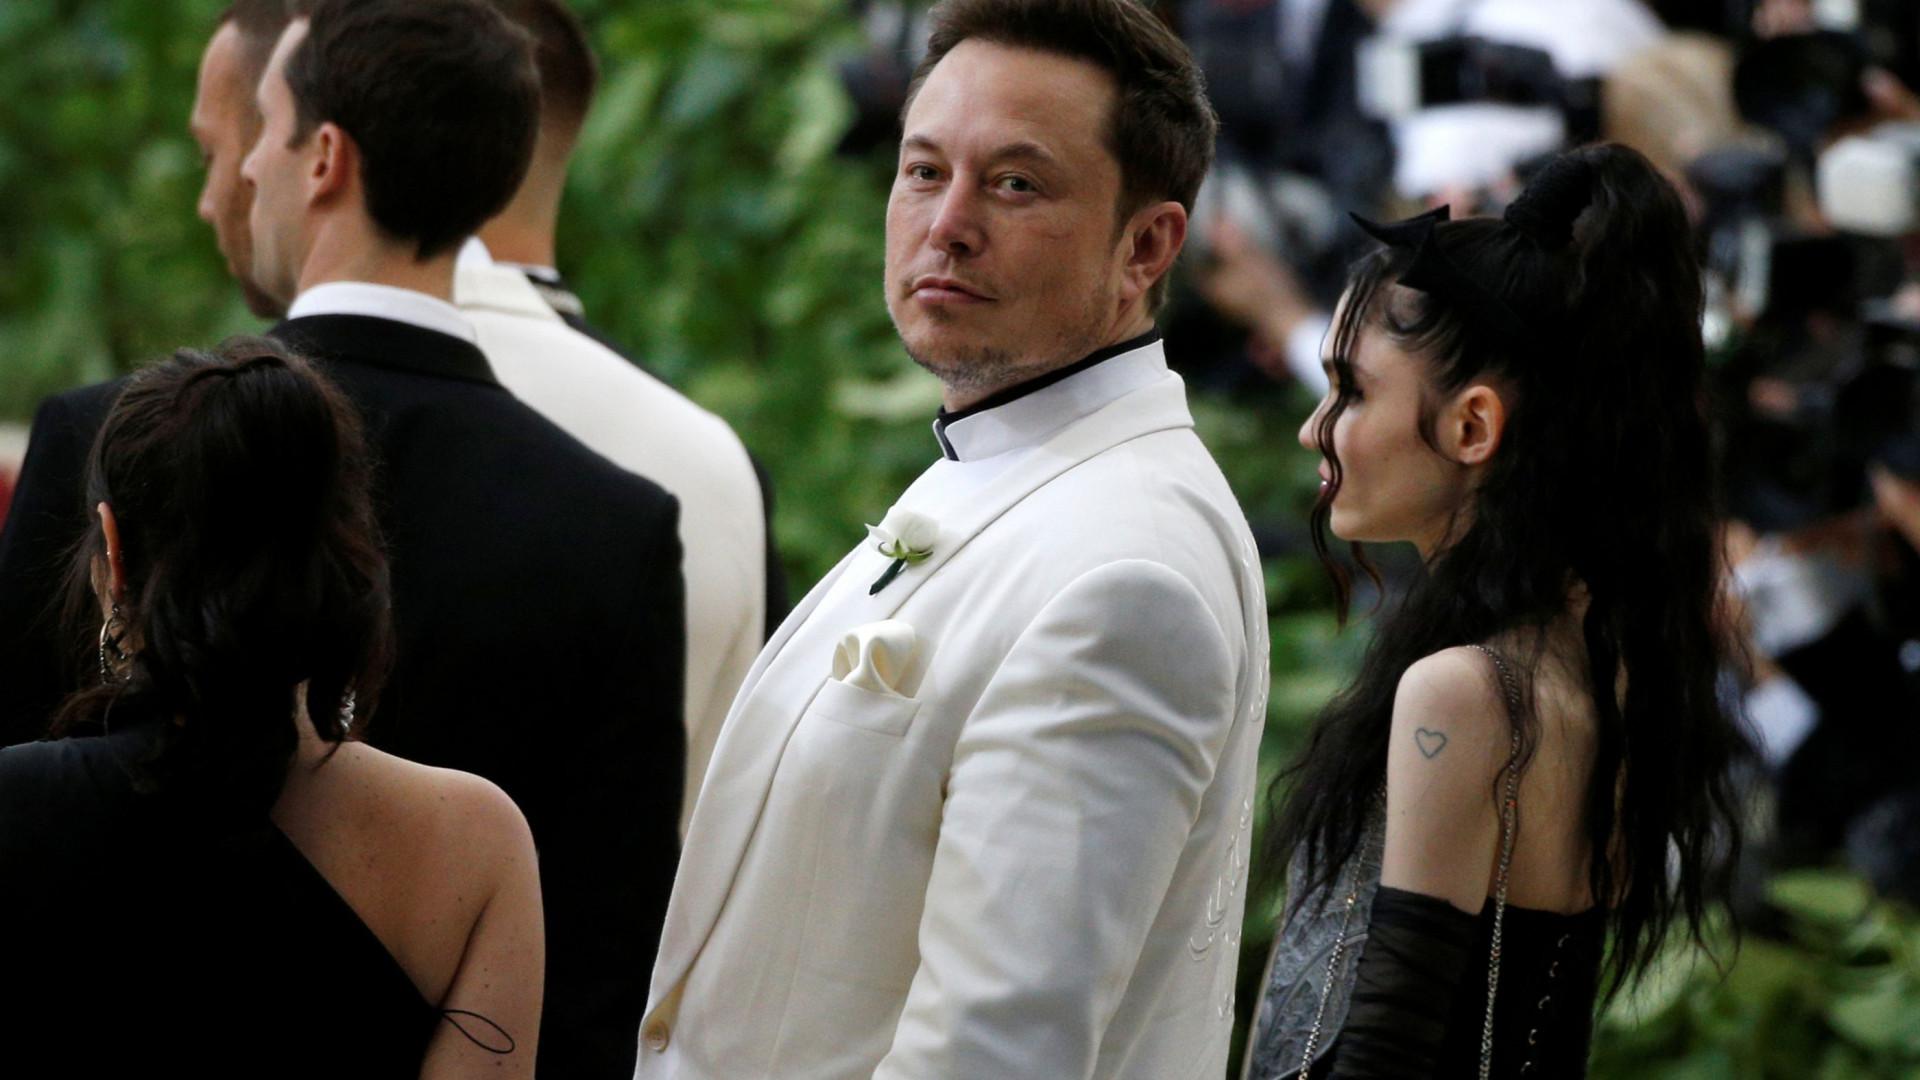 Novo 'drama' de Elon Musk envolve privatização da Tesla e… Azealia Banks